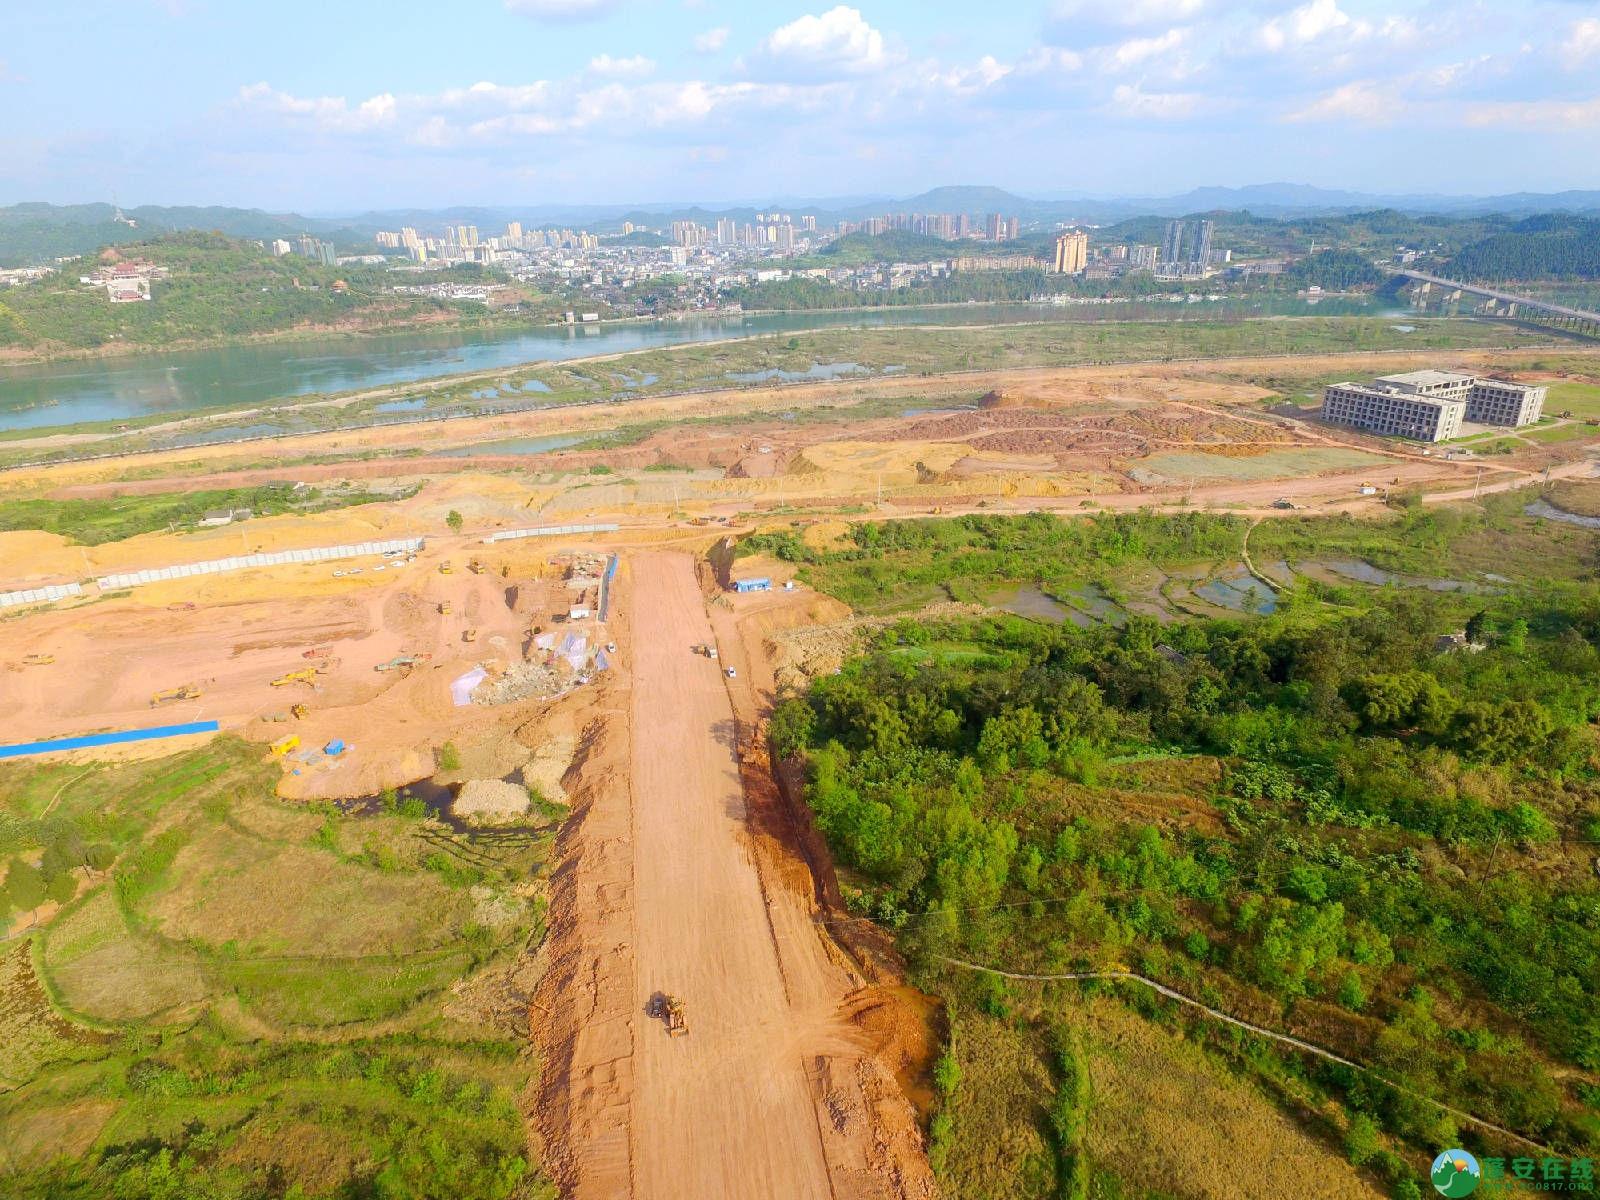 蓬安县锦屏镇湿地公园跑道、纵一道路、干一道工程进度(2018年4月6日) - 第8张  | 蓬安在线